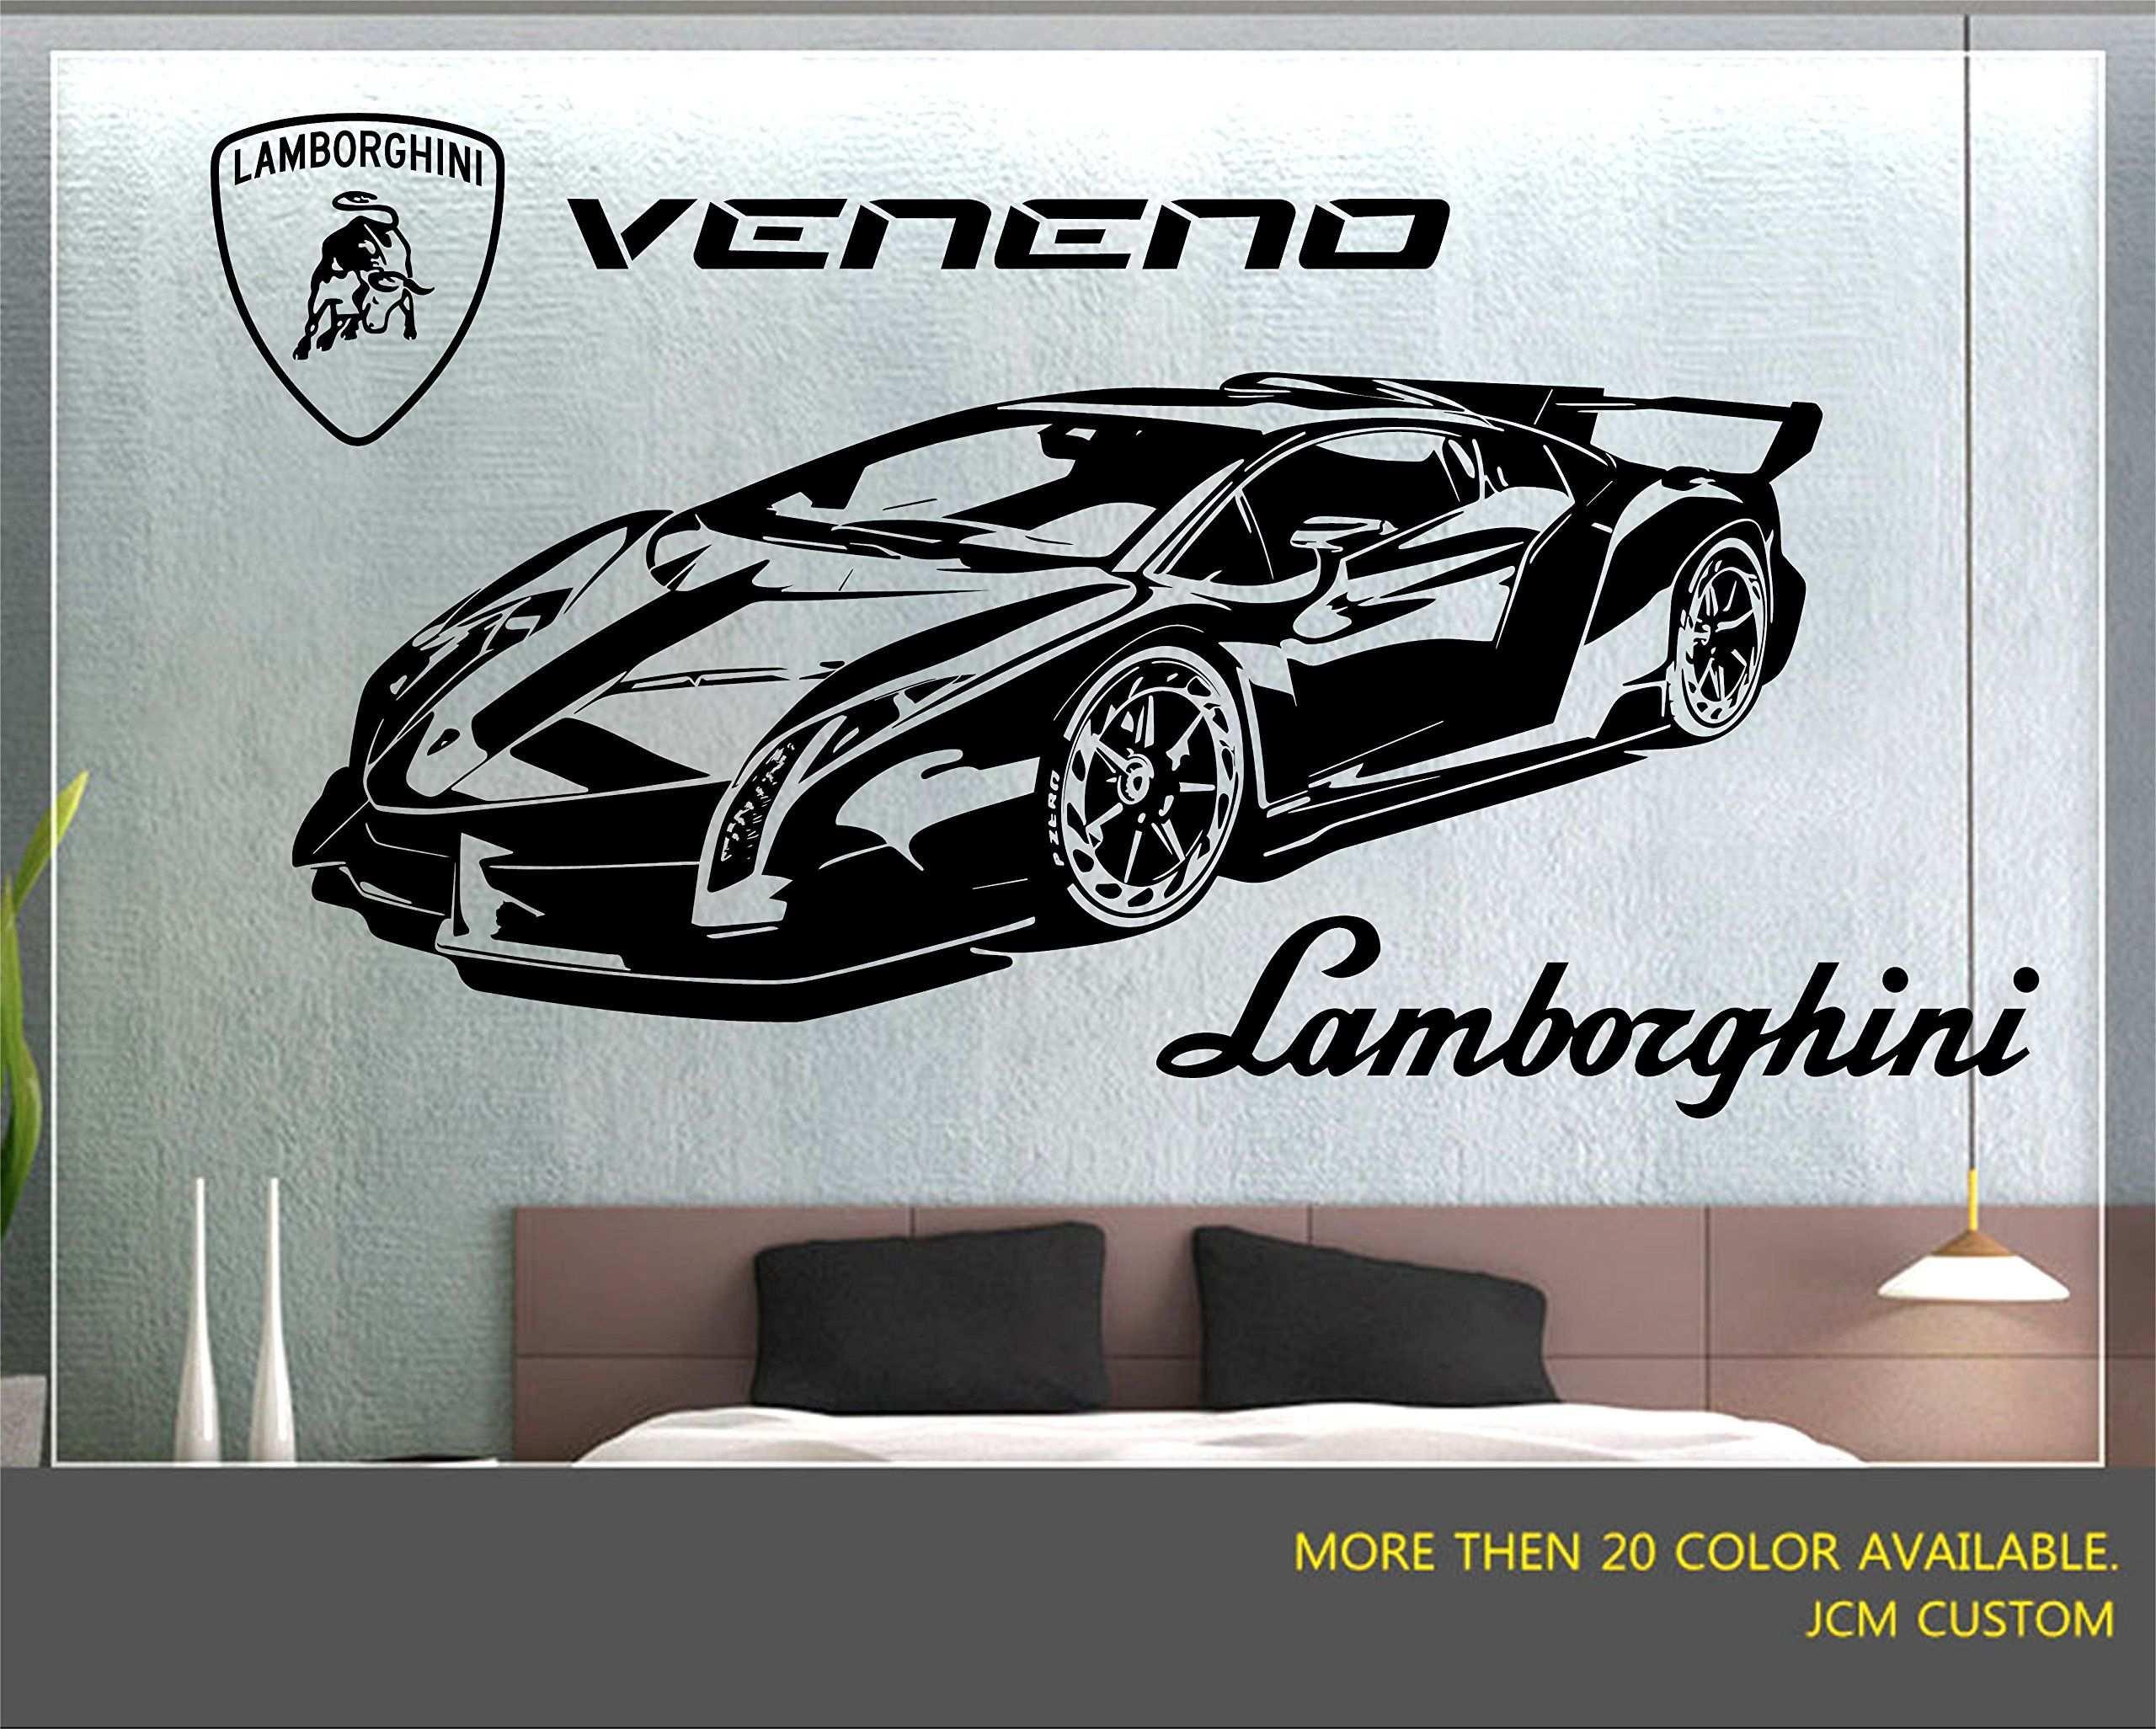 Lamborghini Veneno Lr 750 4 Racing Sport Car Wall Decal 52 X 22